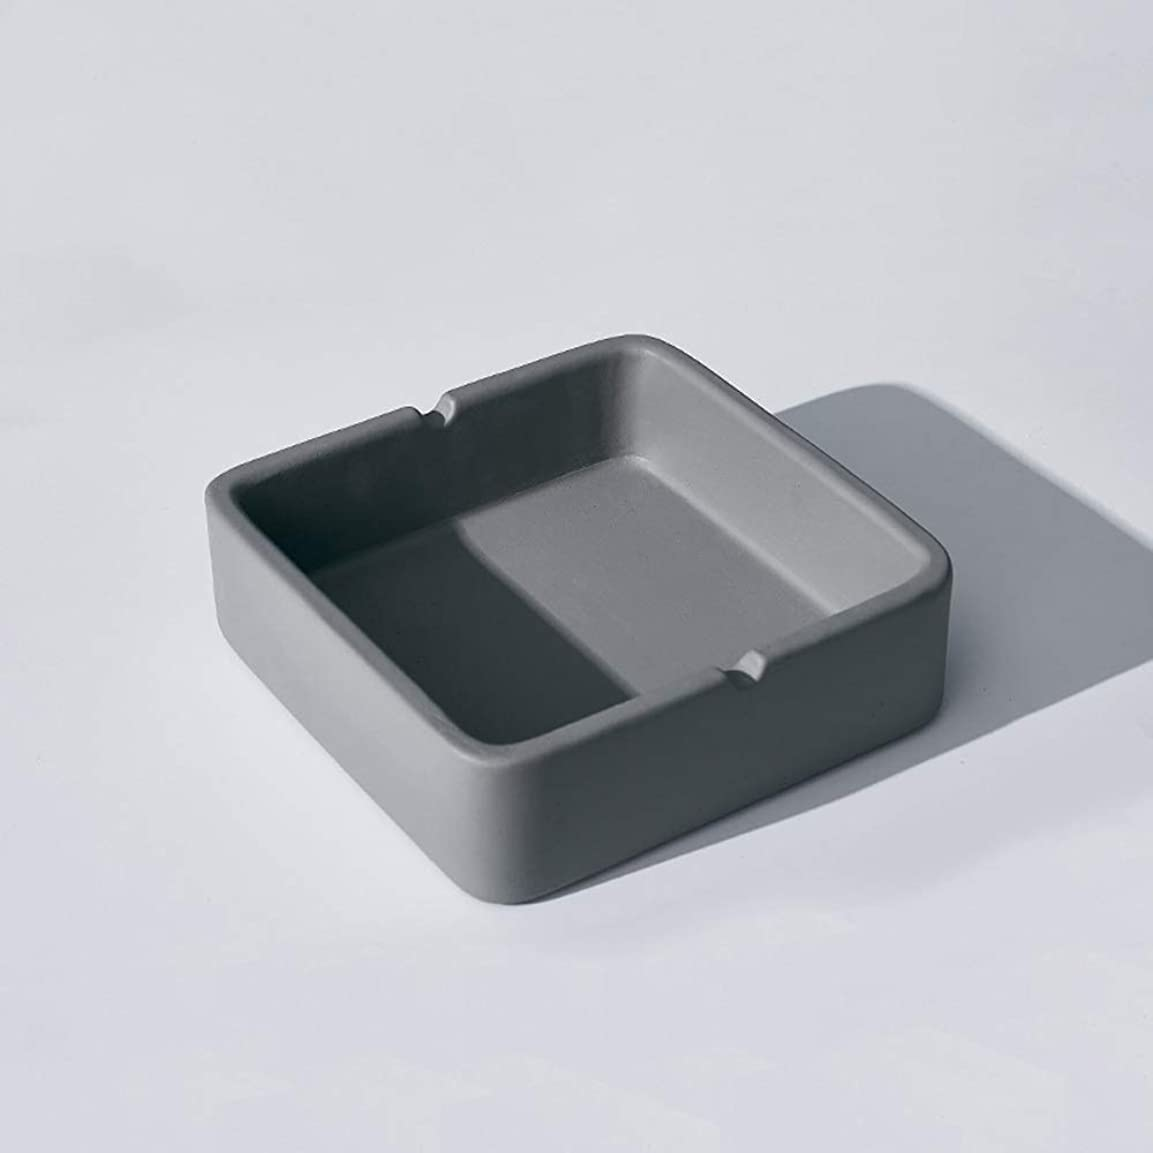 列車忘れられない爆発する正方形の灰皿、繊細なコンクリートの質感の灰皿、多人数使用シーンに適したパーソナライズされた屋外の灰皿の装飾 (Size : S)